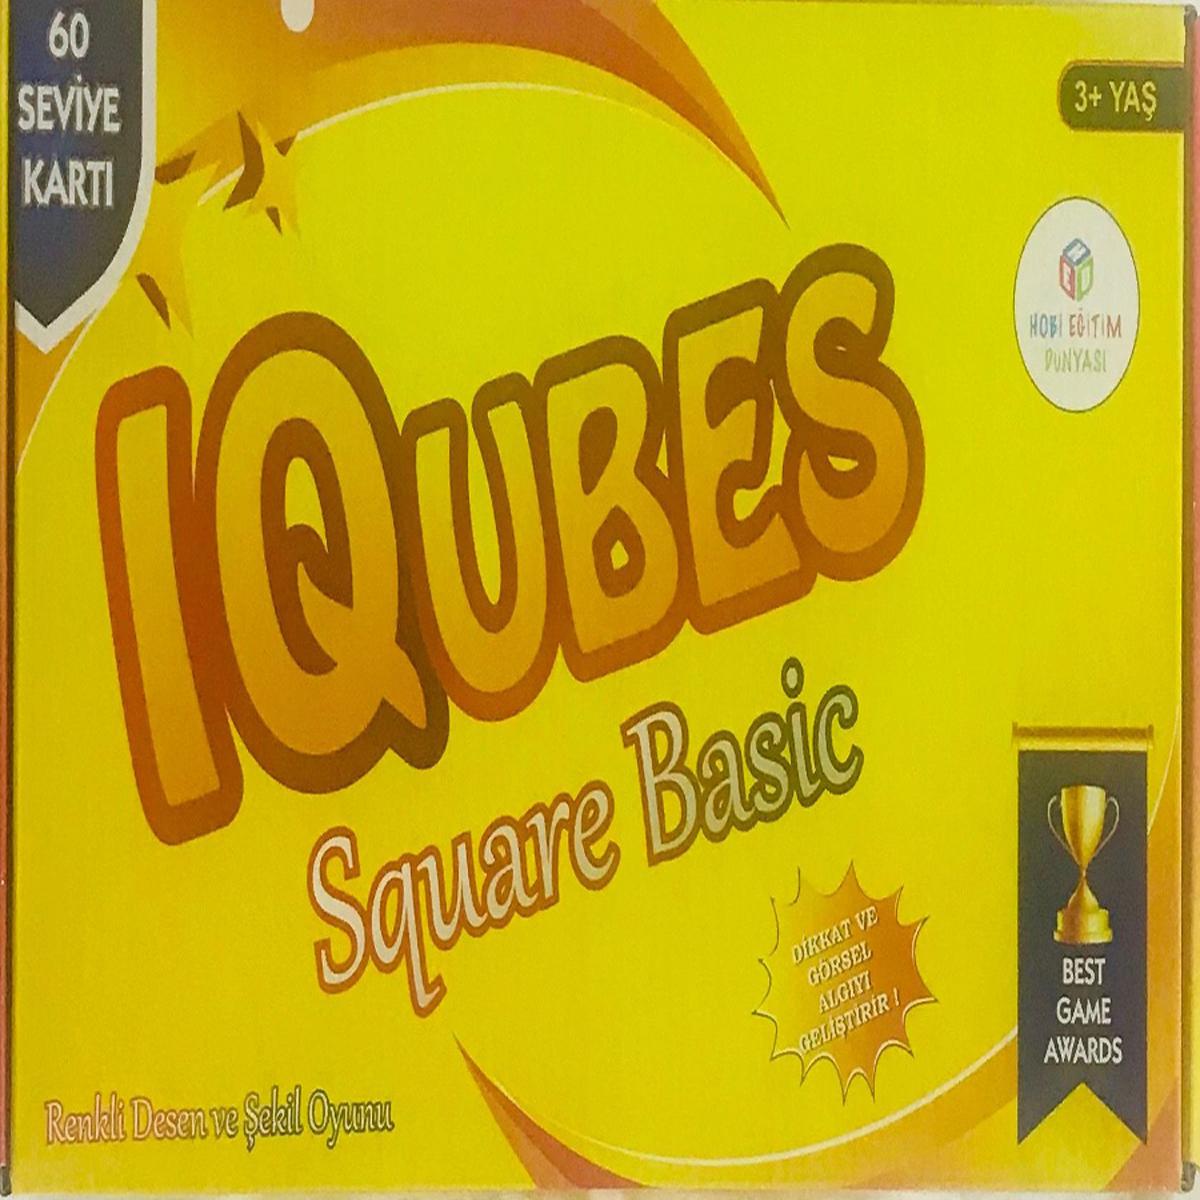 IQUBES_1